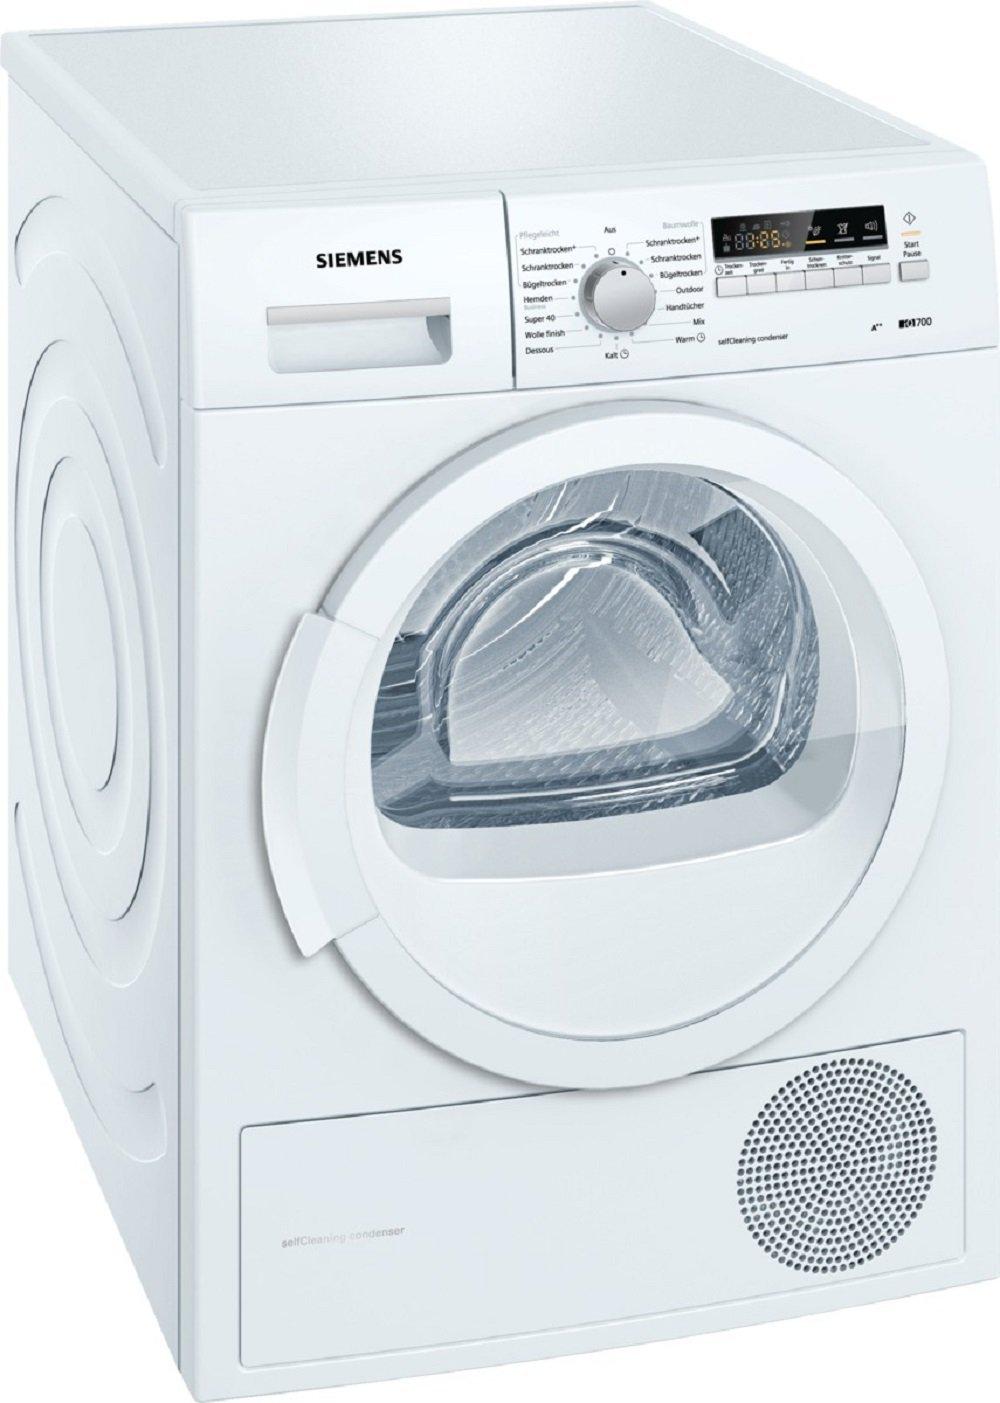 Bild zu Wärmepumpentrockner Siemens WT46W261 für 529€